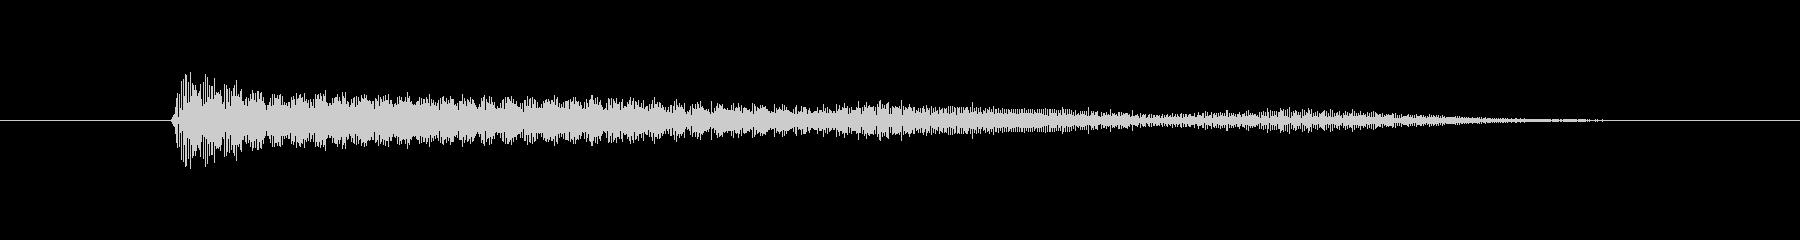 ドゥーン(アタック25で使われそうな音)の未再生の波形